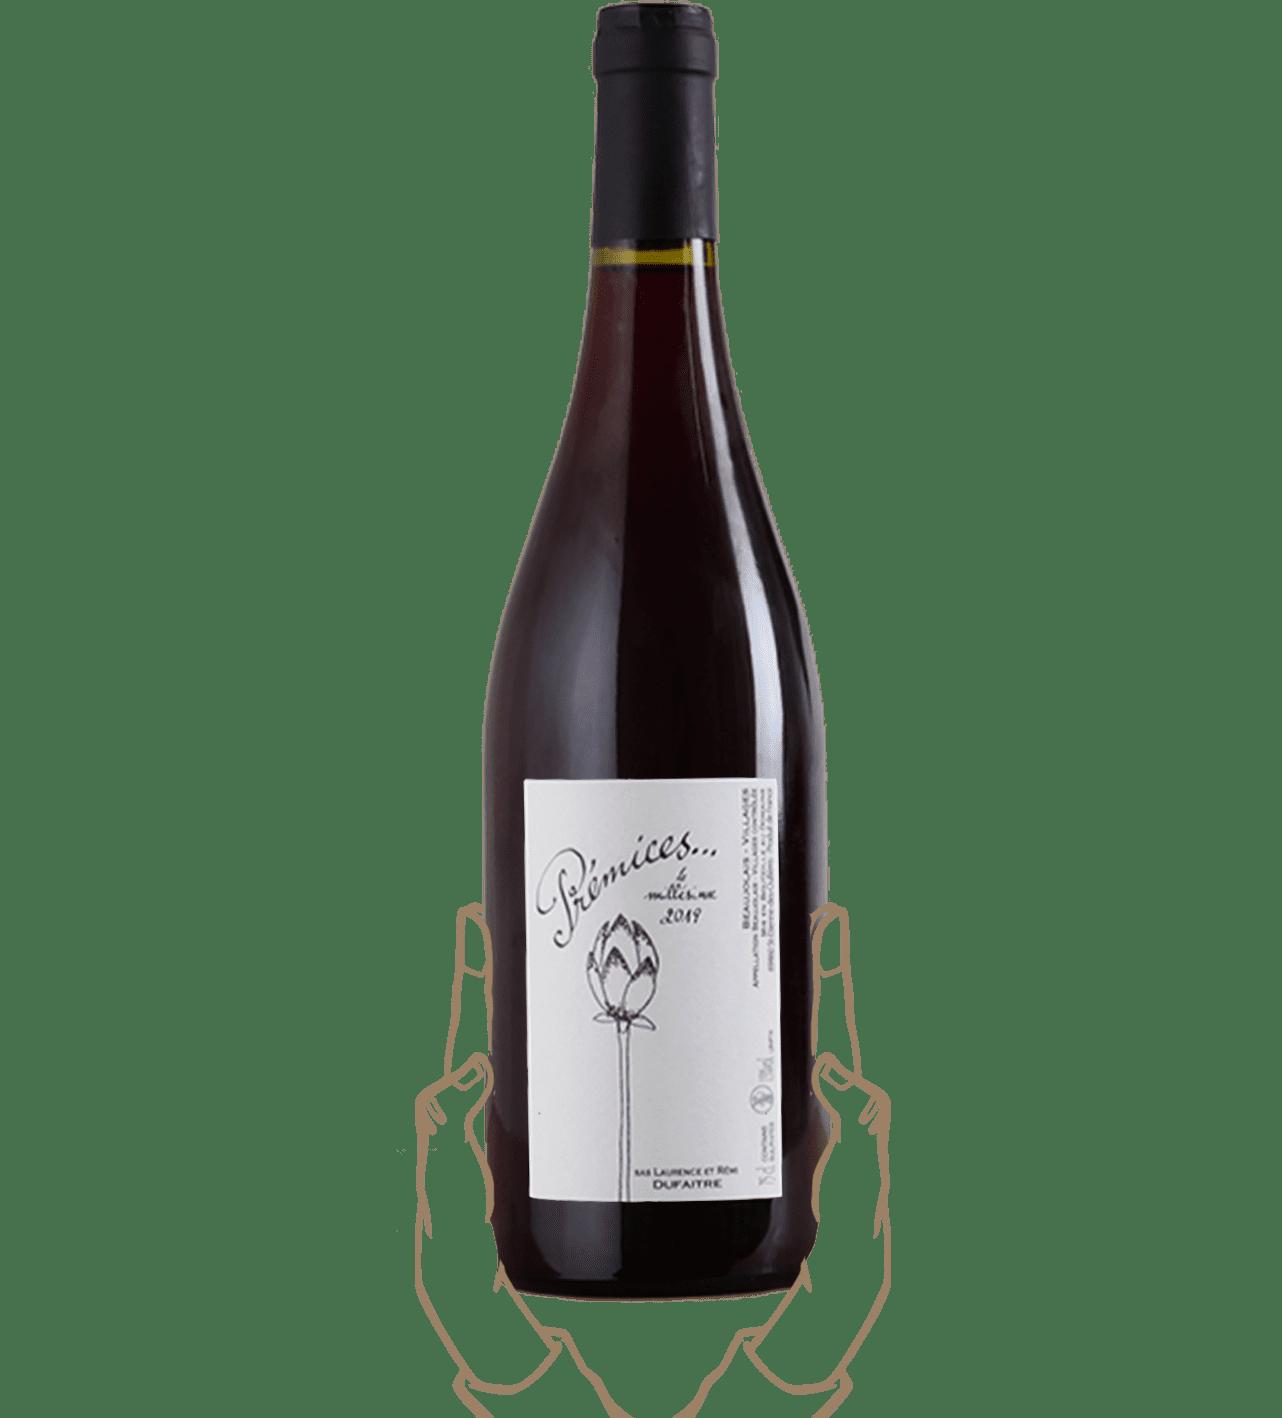 prémices de rémi dufaitre est un vin naturel du beaujolais